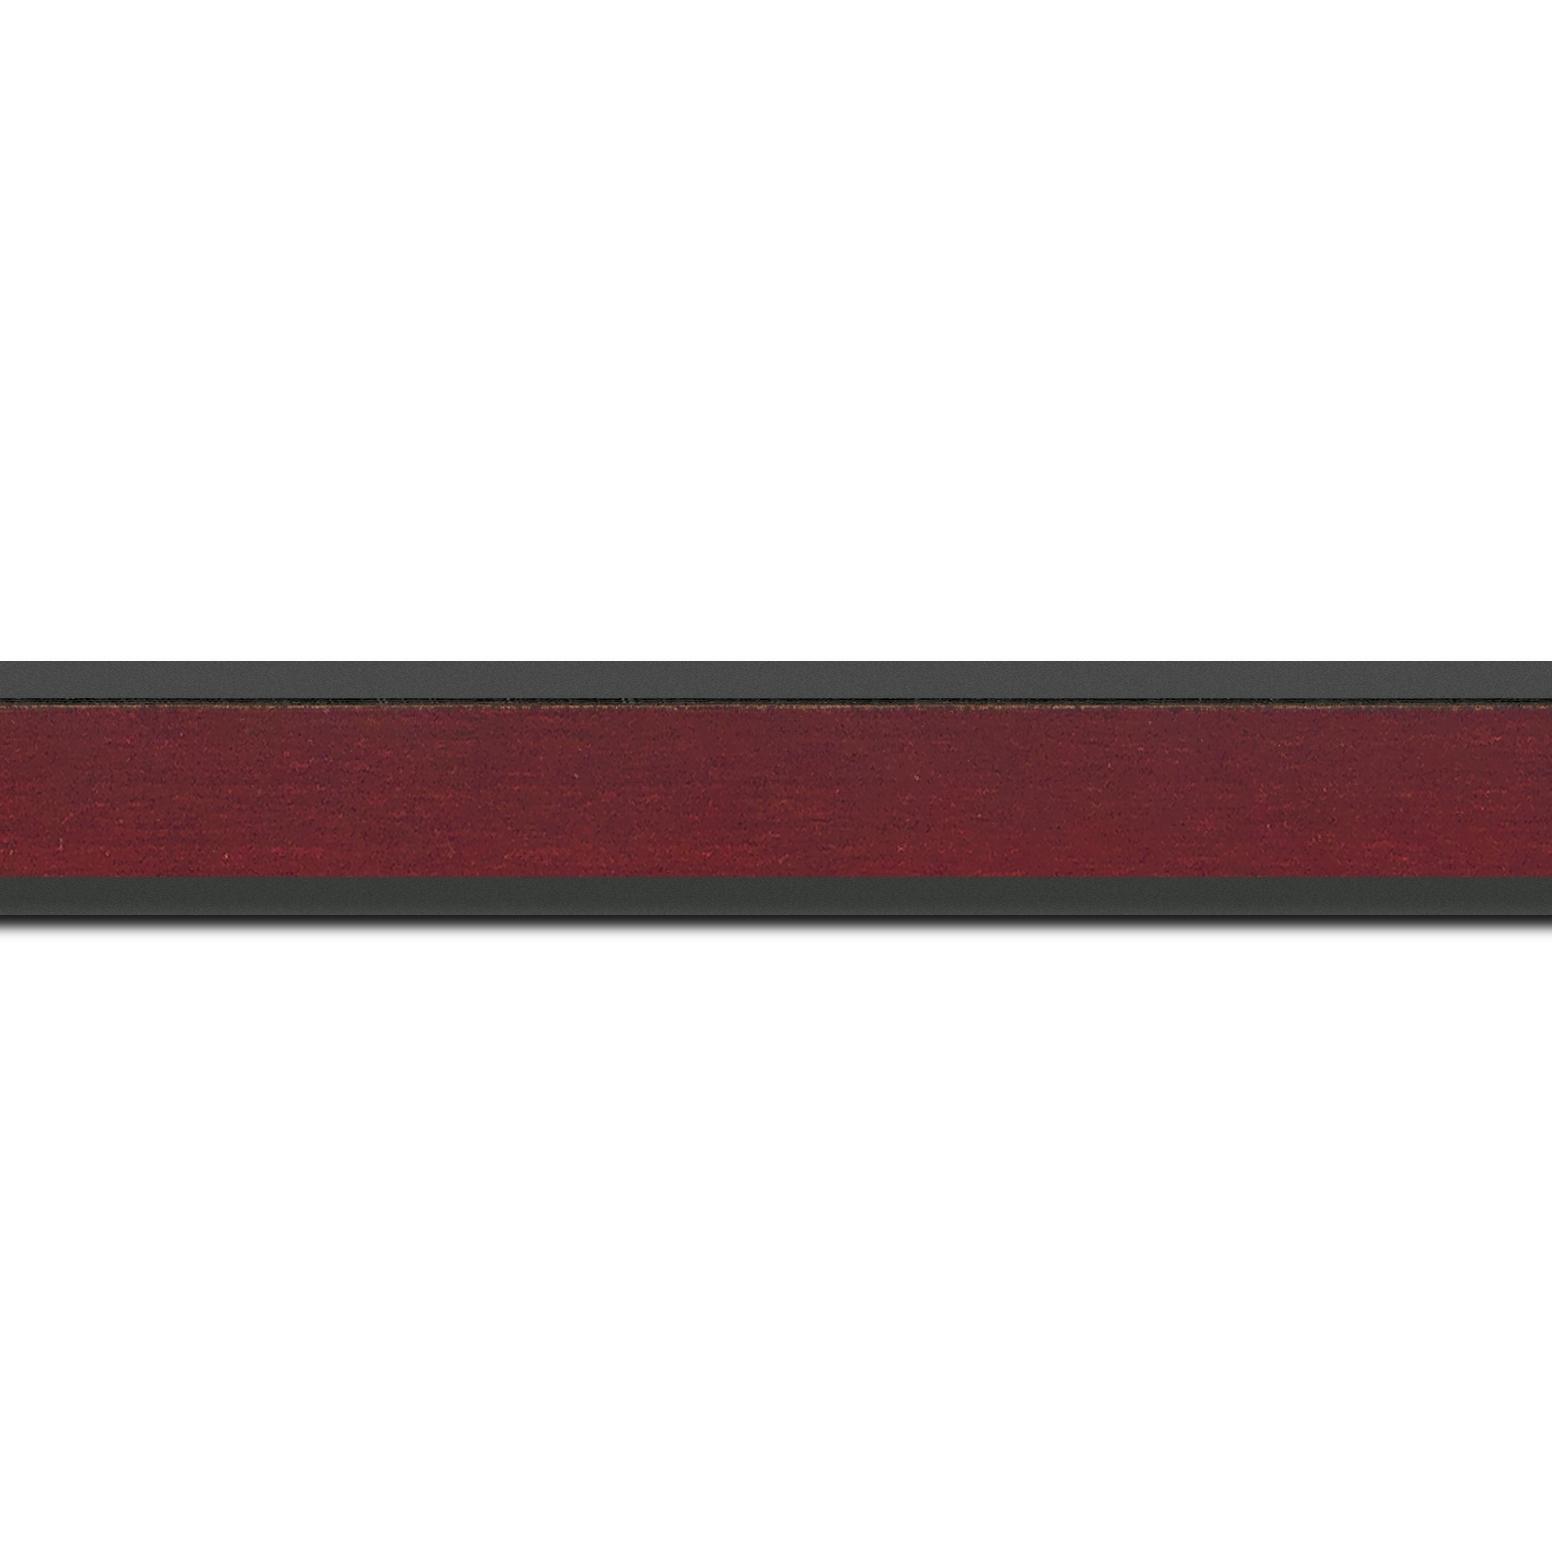 Pack par 12m, bois essence marupa profil plat largeur 2.5cm plaquage érable teinté bordeaux,  filet intérieur et extérieur gris foncé (longueur baguette pouvant varier entre 2.40m et 3m selon arrivage des bois)